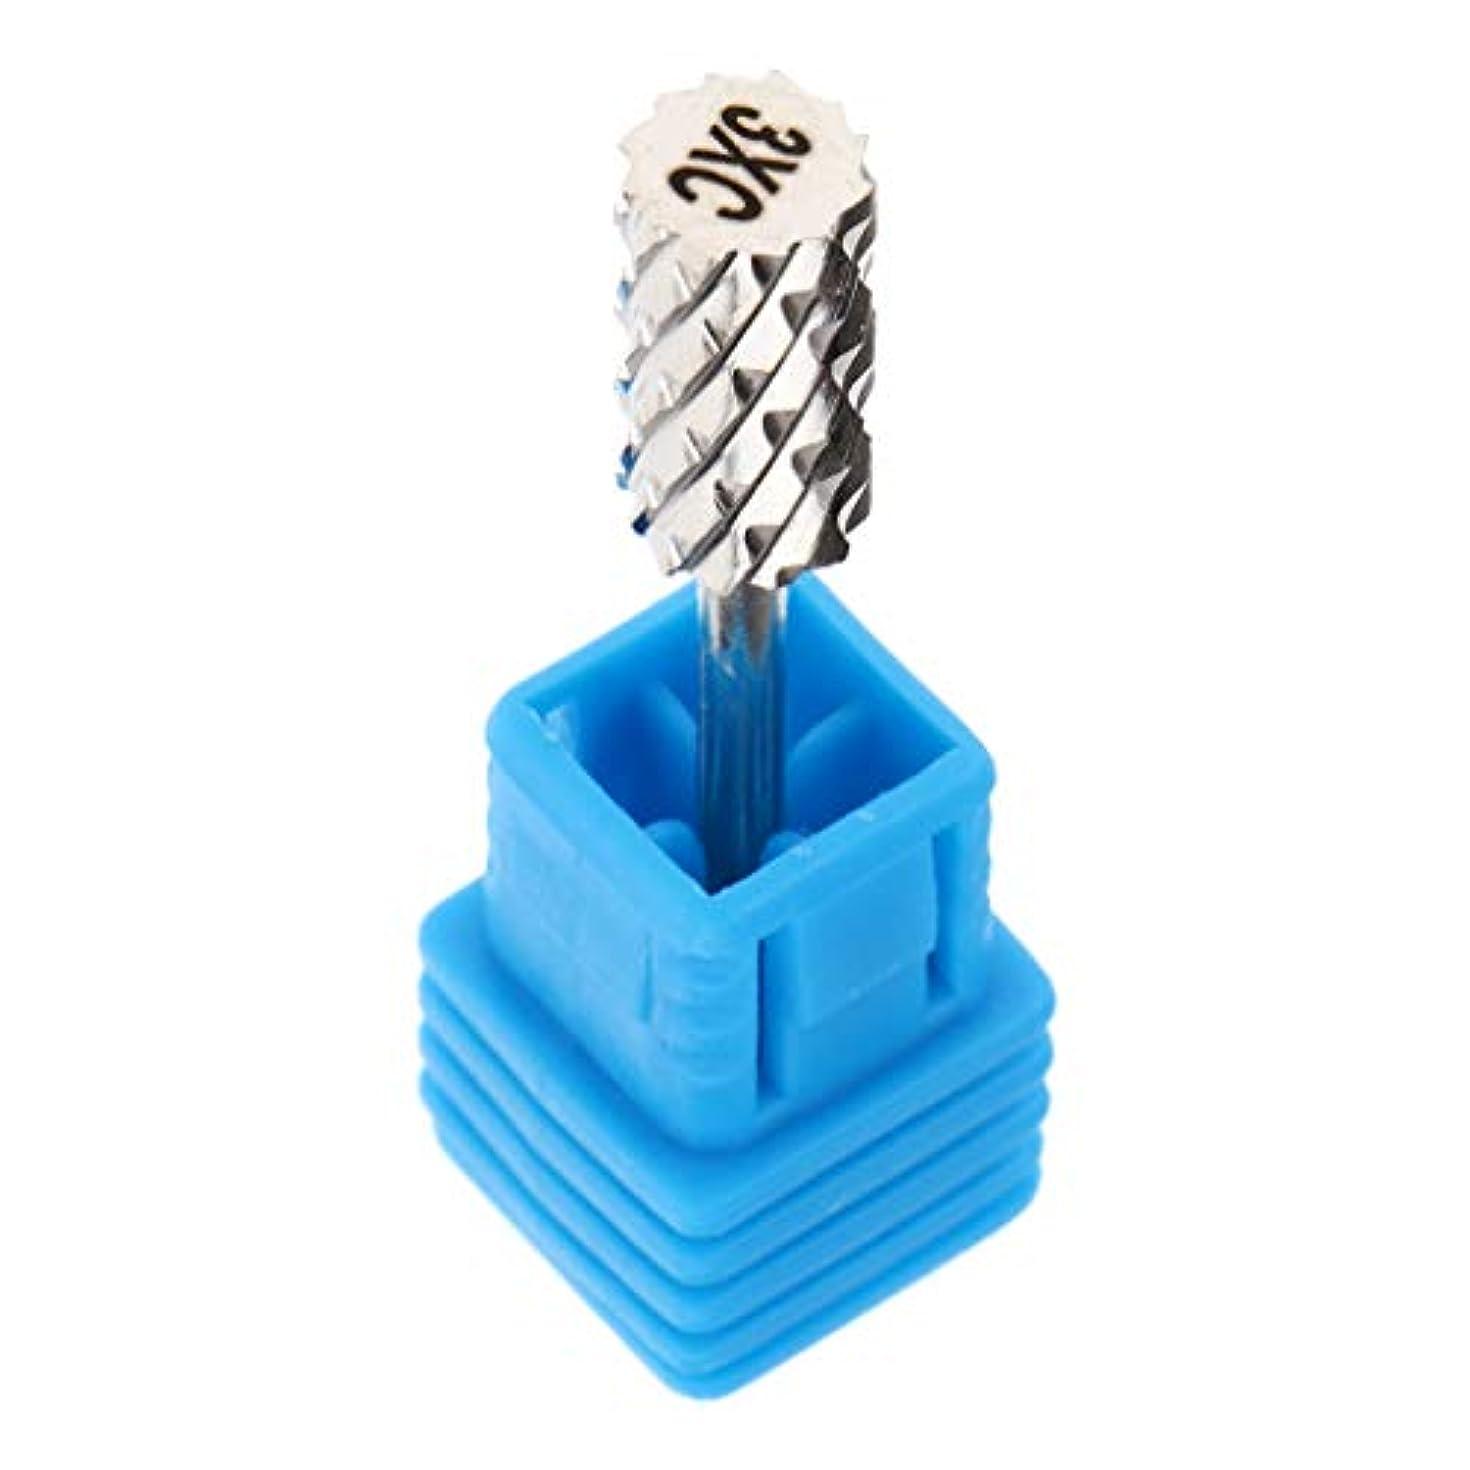 キャッチ平野フェッチ電気ネイルマシン ネイルドリルビット 研磨ヘッド ネイルサロン 爪やすり 全6選択 - 06